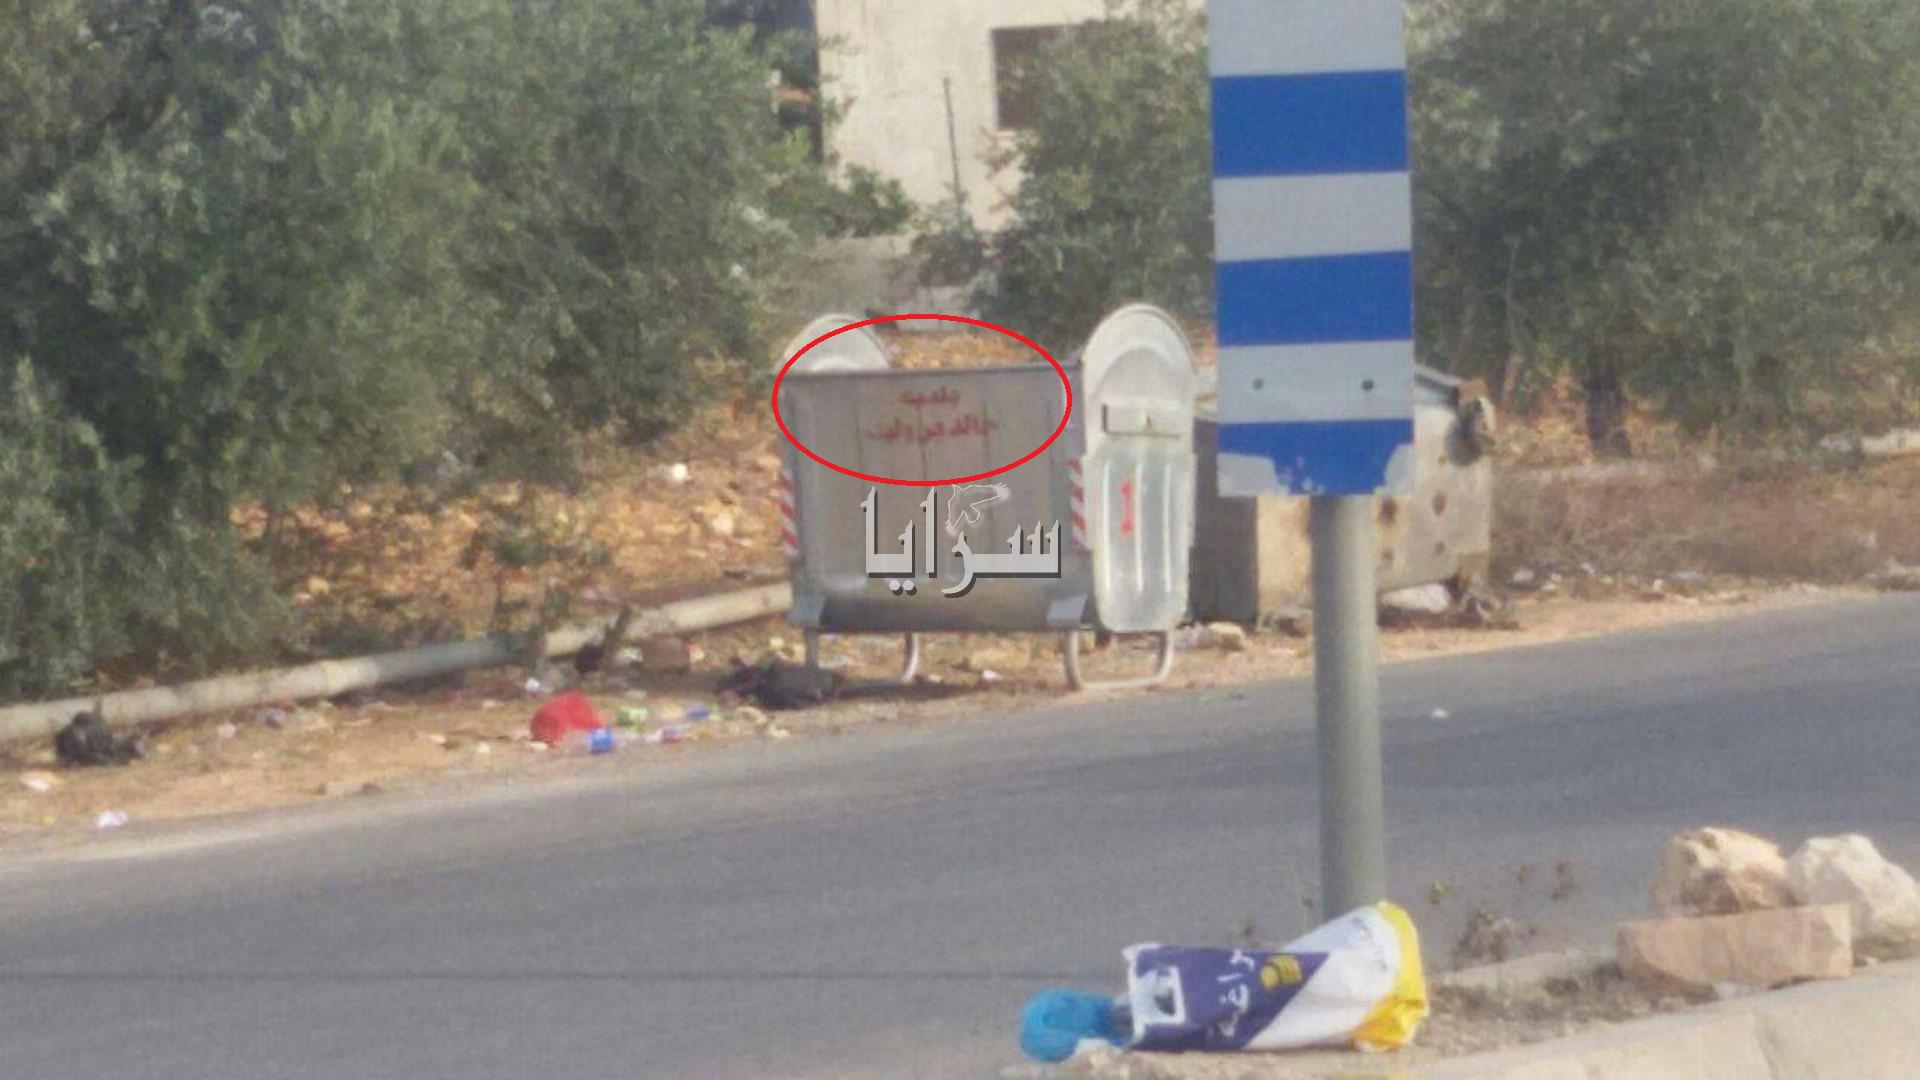 بالصور.. اربد: طباعة اسم صحابي جليل على حاويات قمامة في احدى بلديات لواء بني كنانة